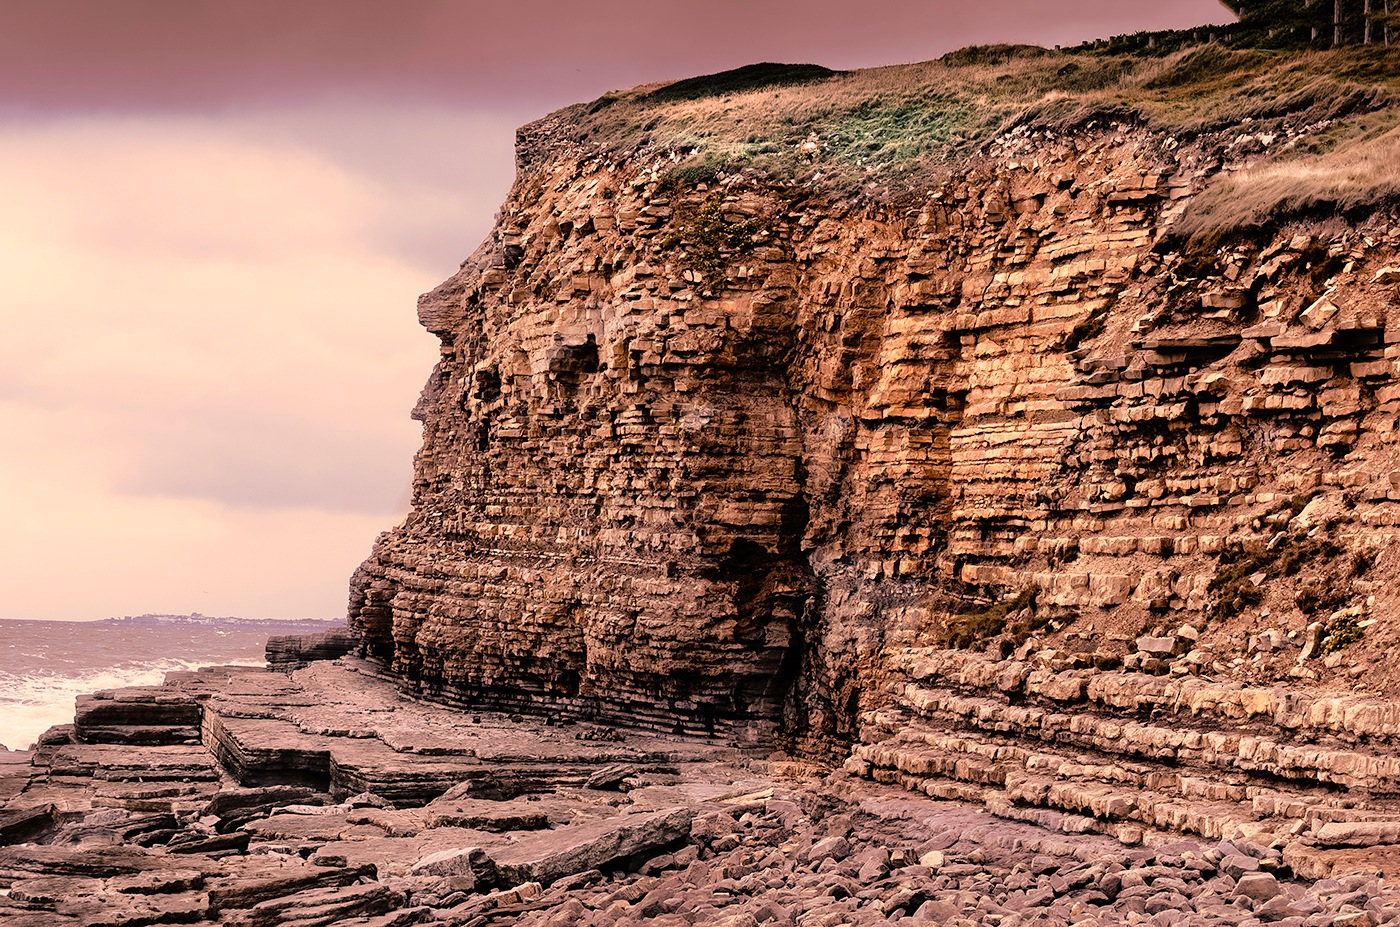 Jurasic cliff by edwinphillips